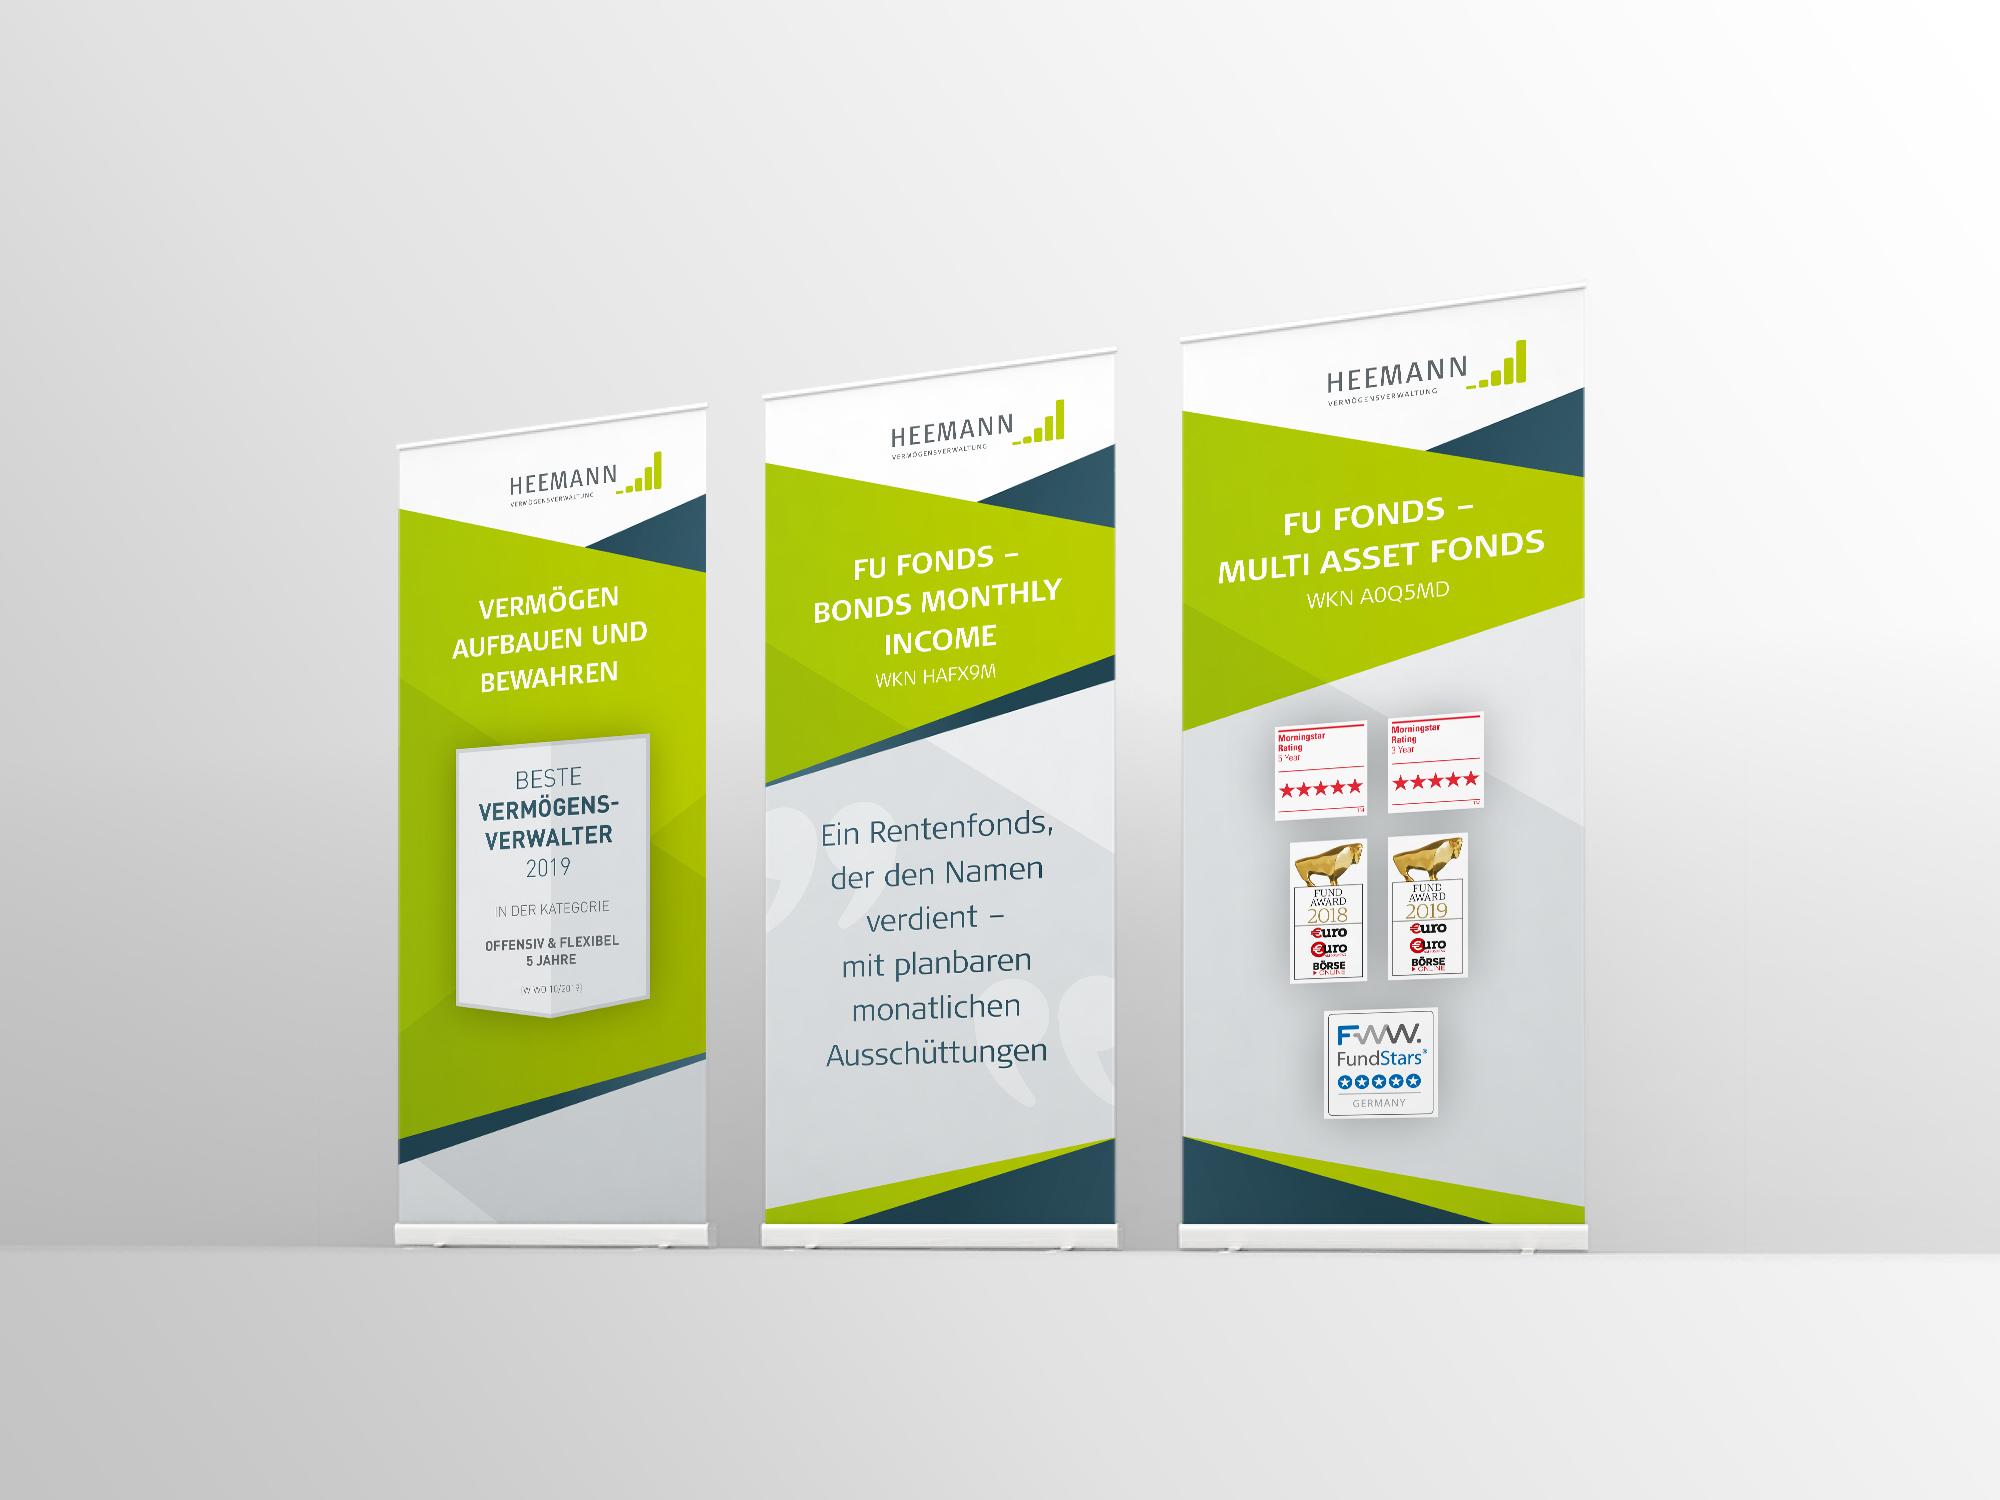 Rollups - Heemann Vermögensverwaltung - Gestaltung für Print und Web - Grafikdesign Janine Frake